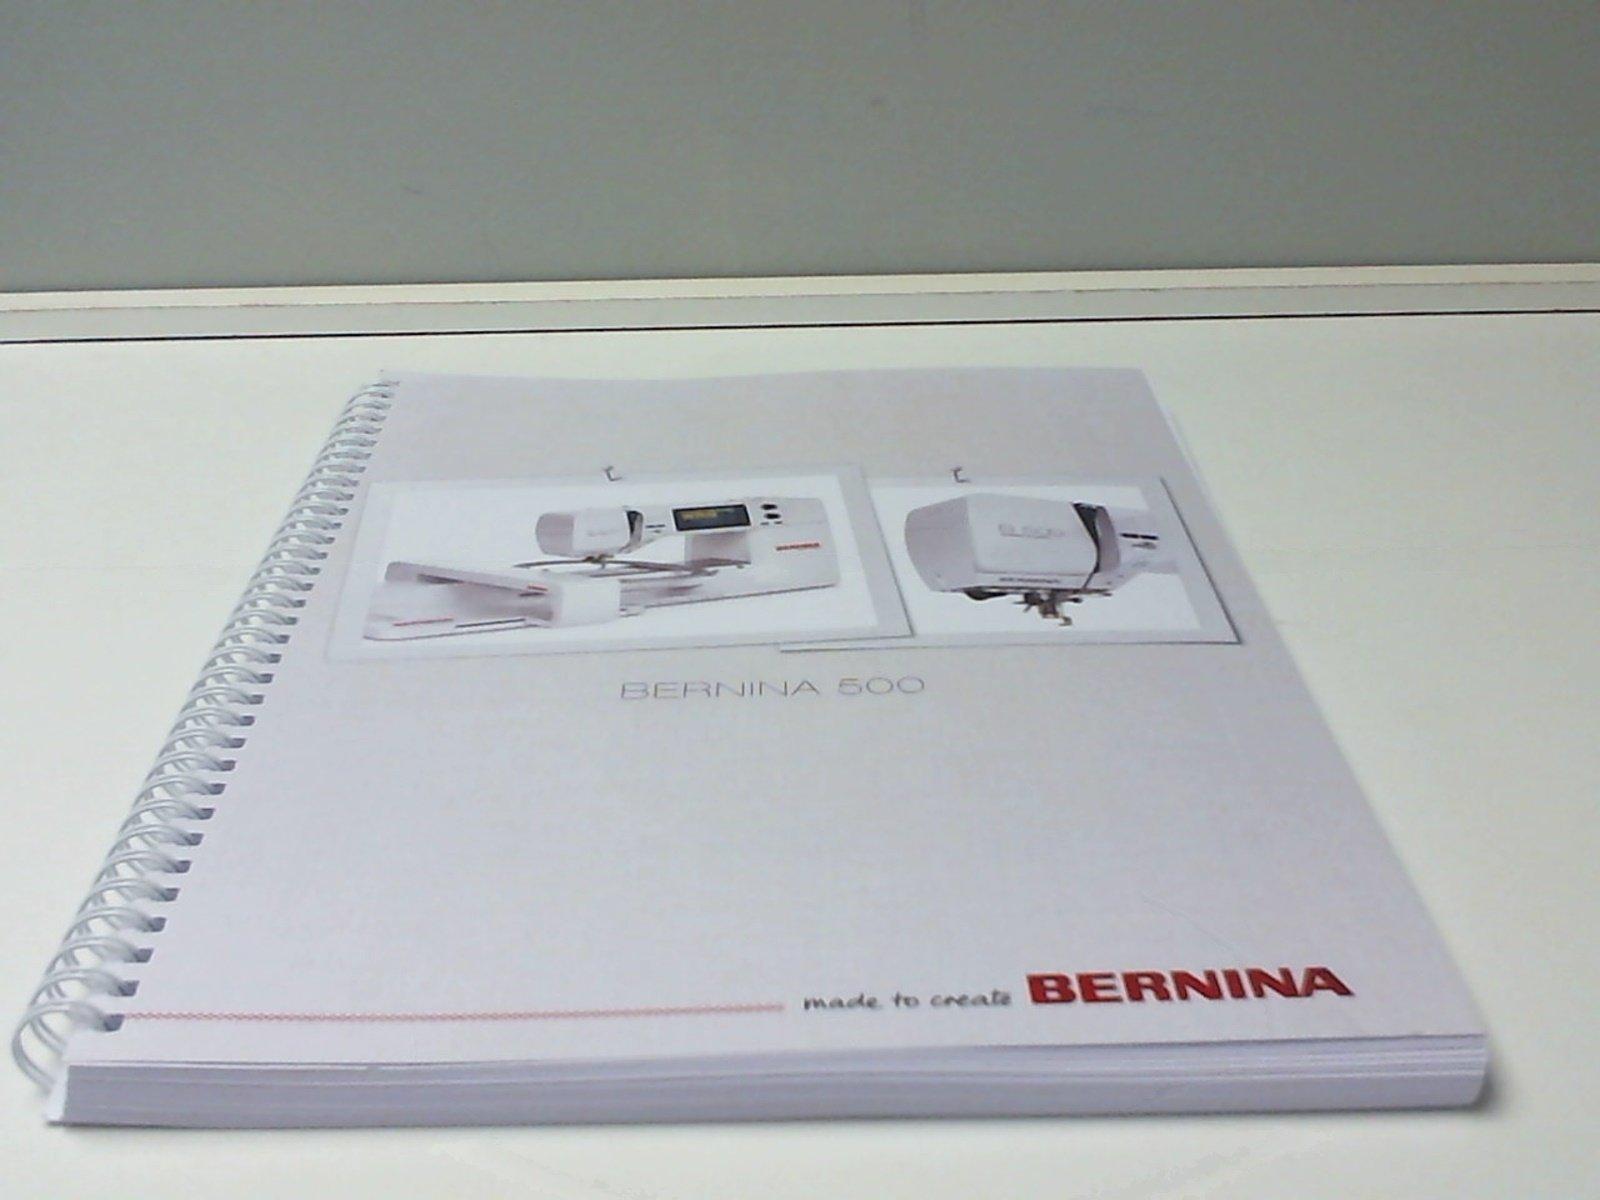 BERNINA MANUAL BNG500 ENGLISH